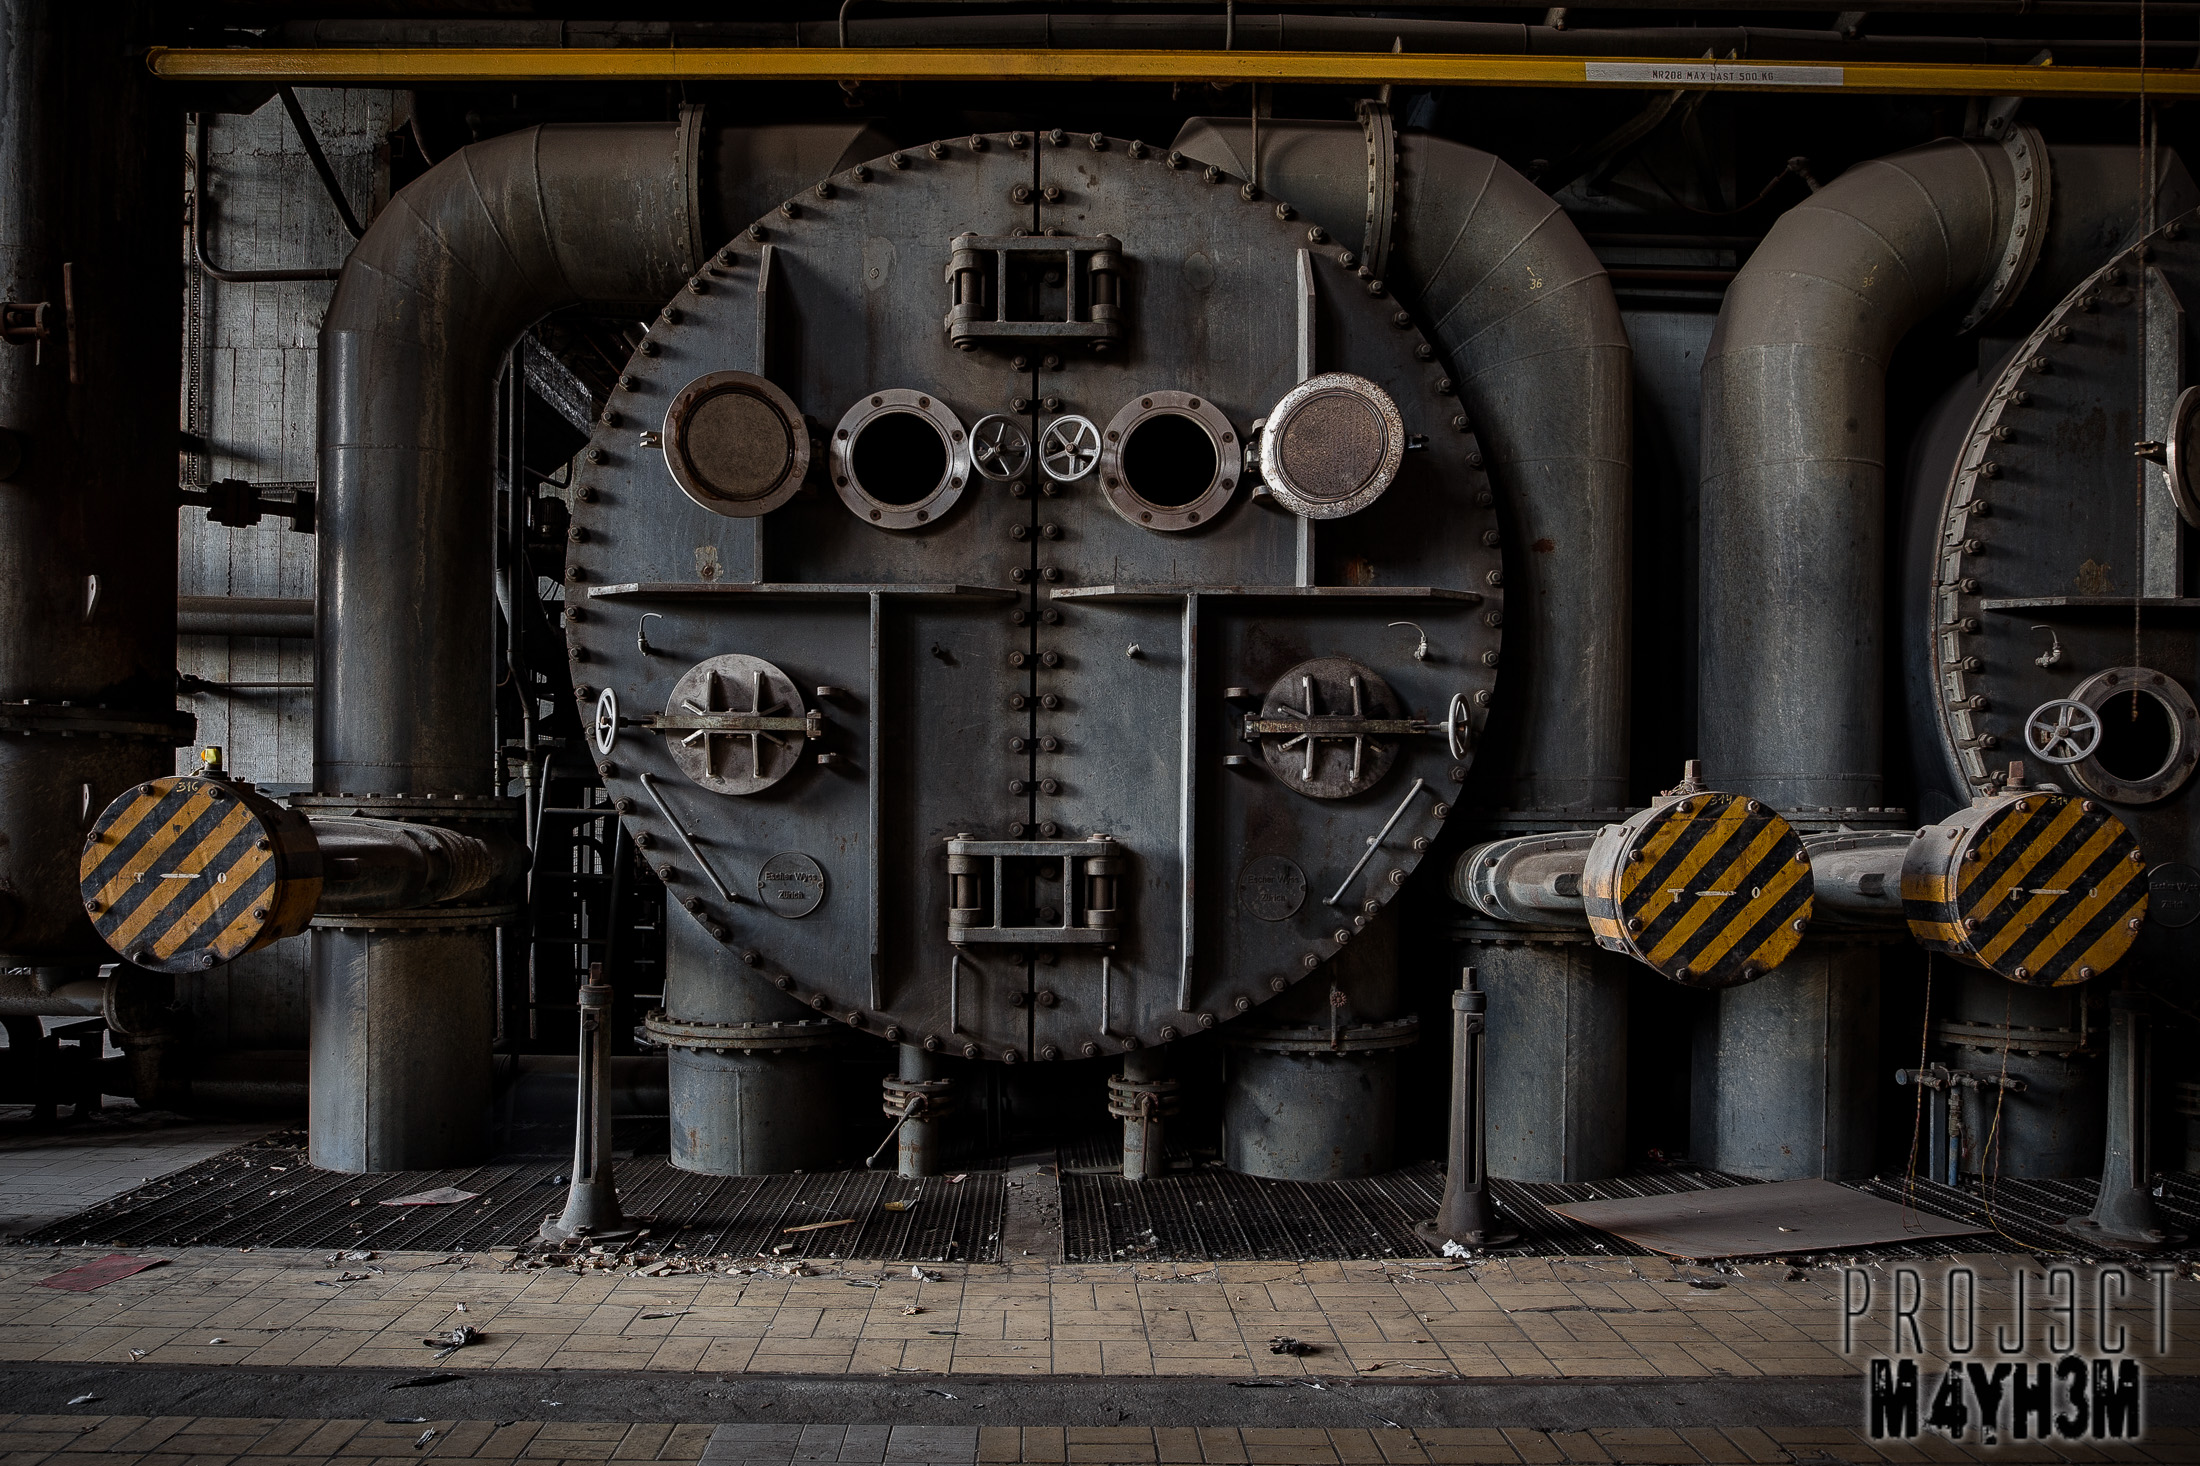 Gigawatt Power Station - Boiler Face